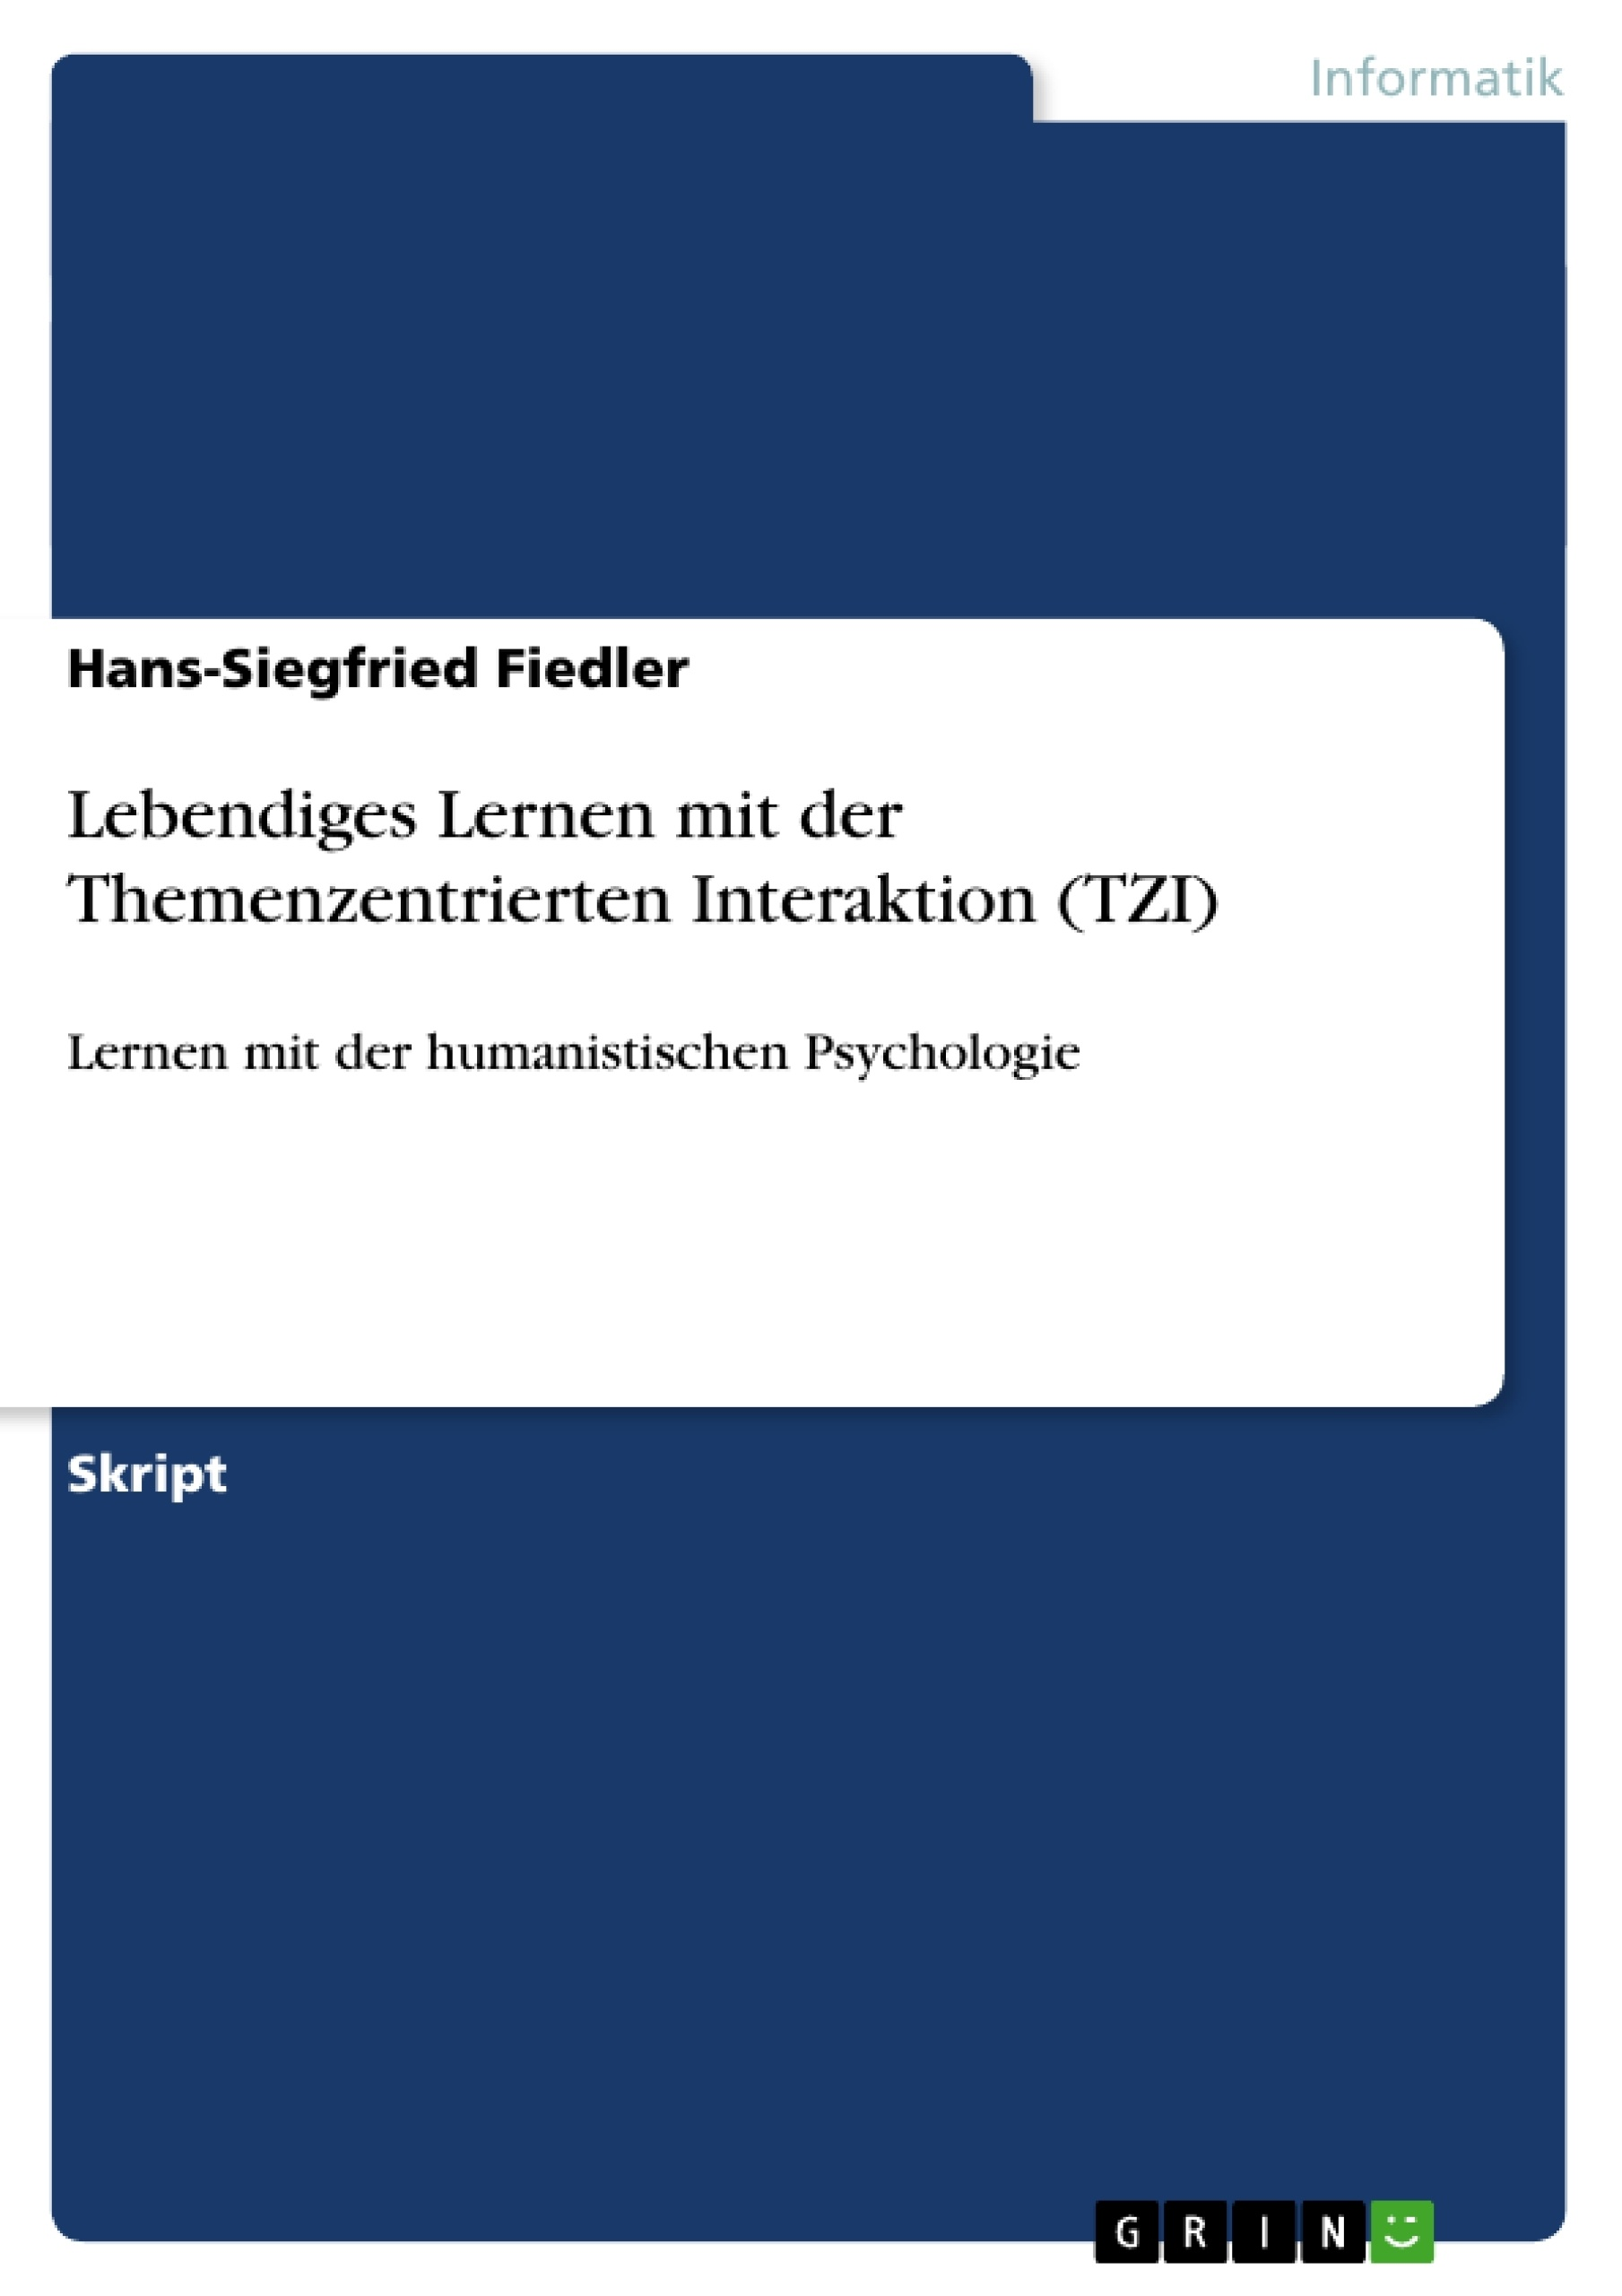 Titel: Lebendiges Lernen mit der Themenzentrierten Interaktion (TZI)